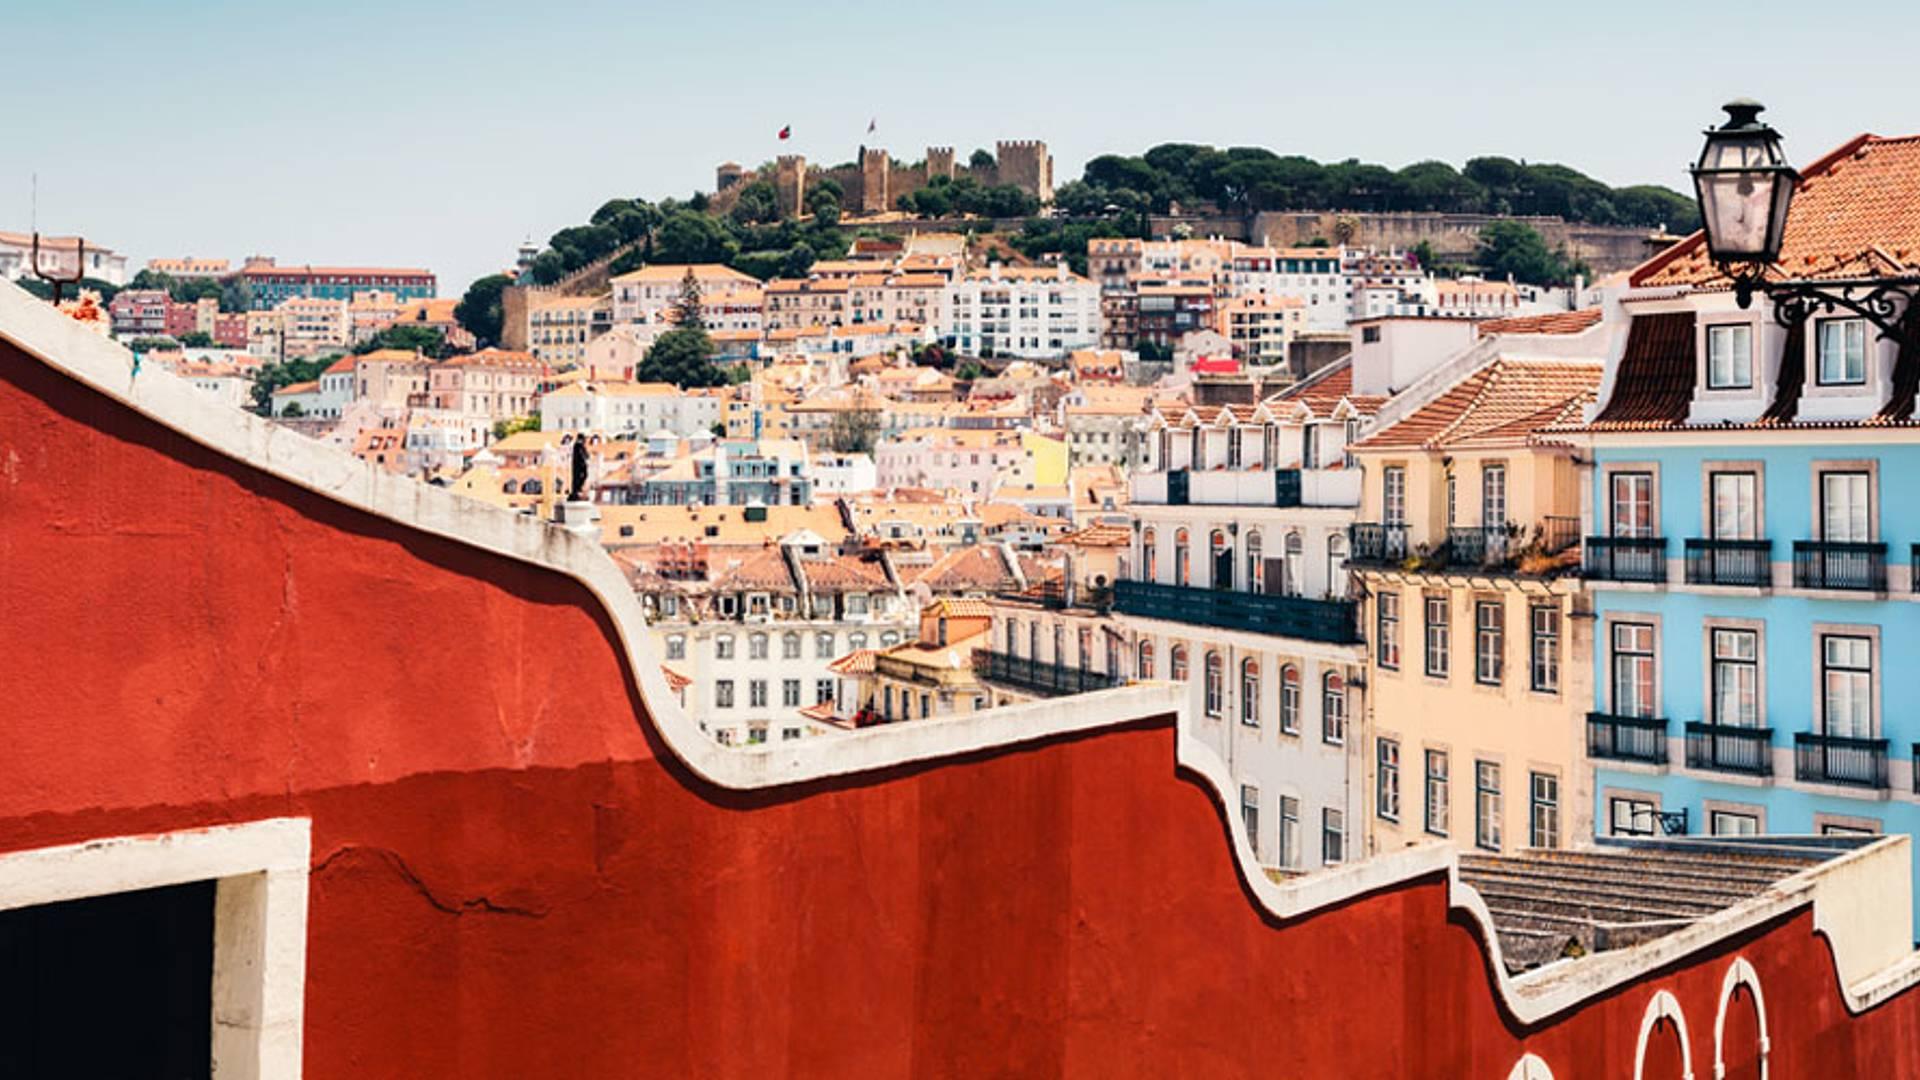 Lisbonne, la cité aux millecouleurs